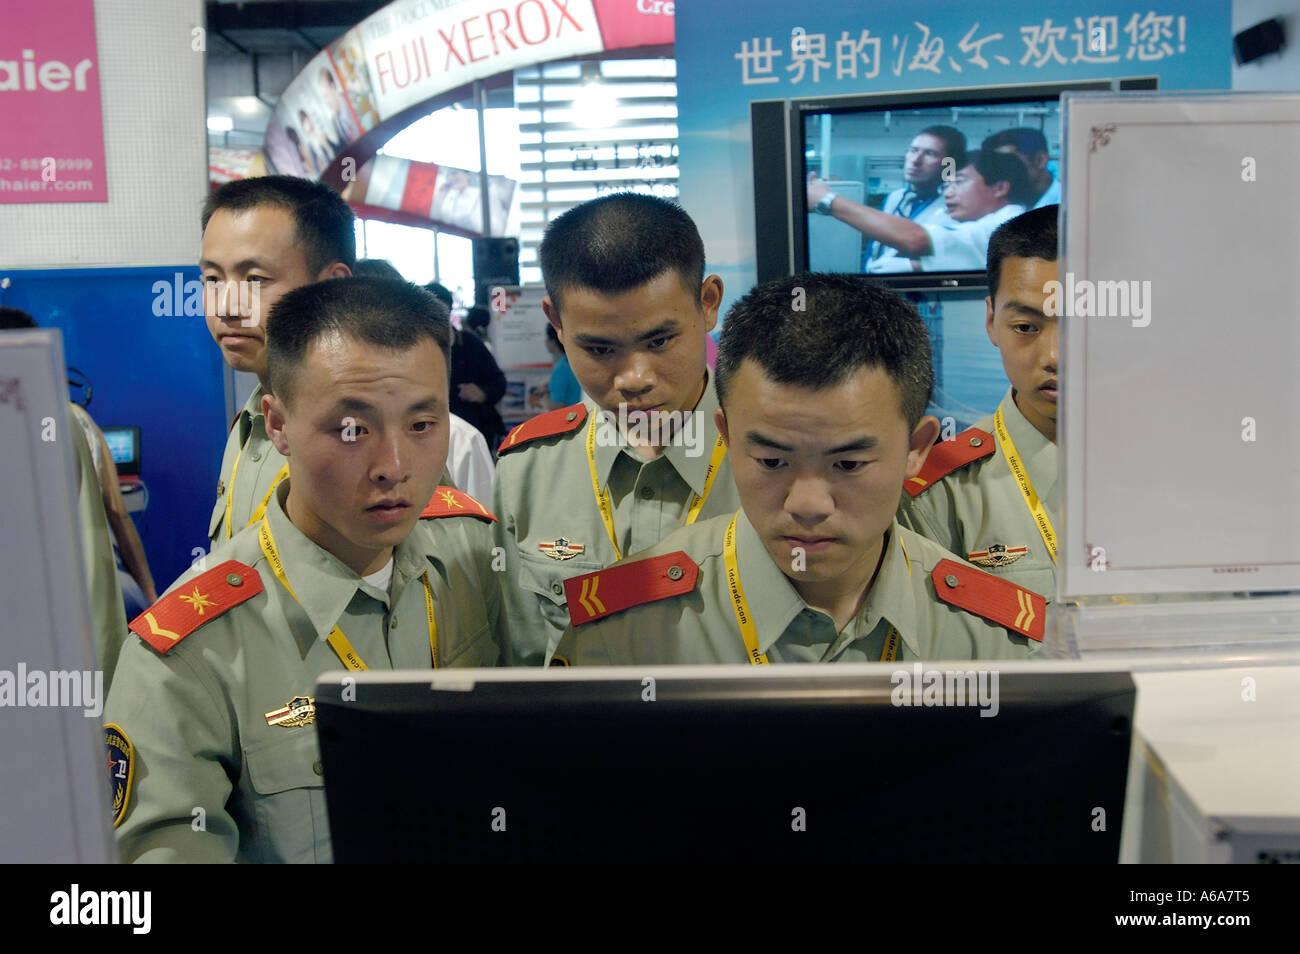 PLA hommes utilisent les ordinateurs de Haier International High-tech expo à Beijing, Chine. 26 Mai 2005 Photo Stock